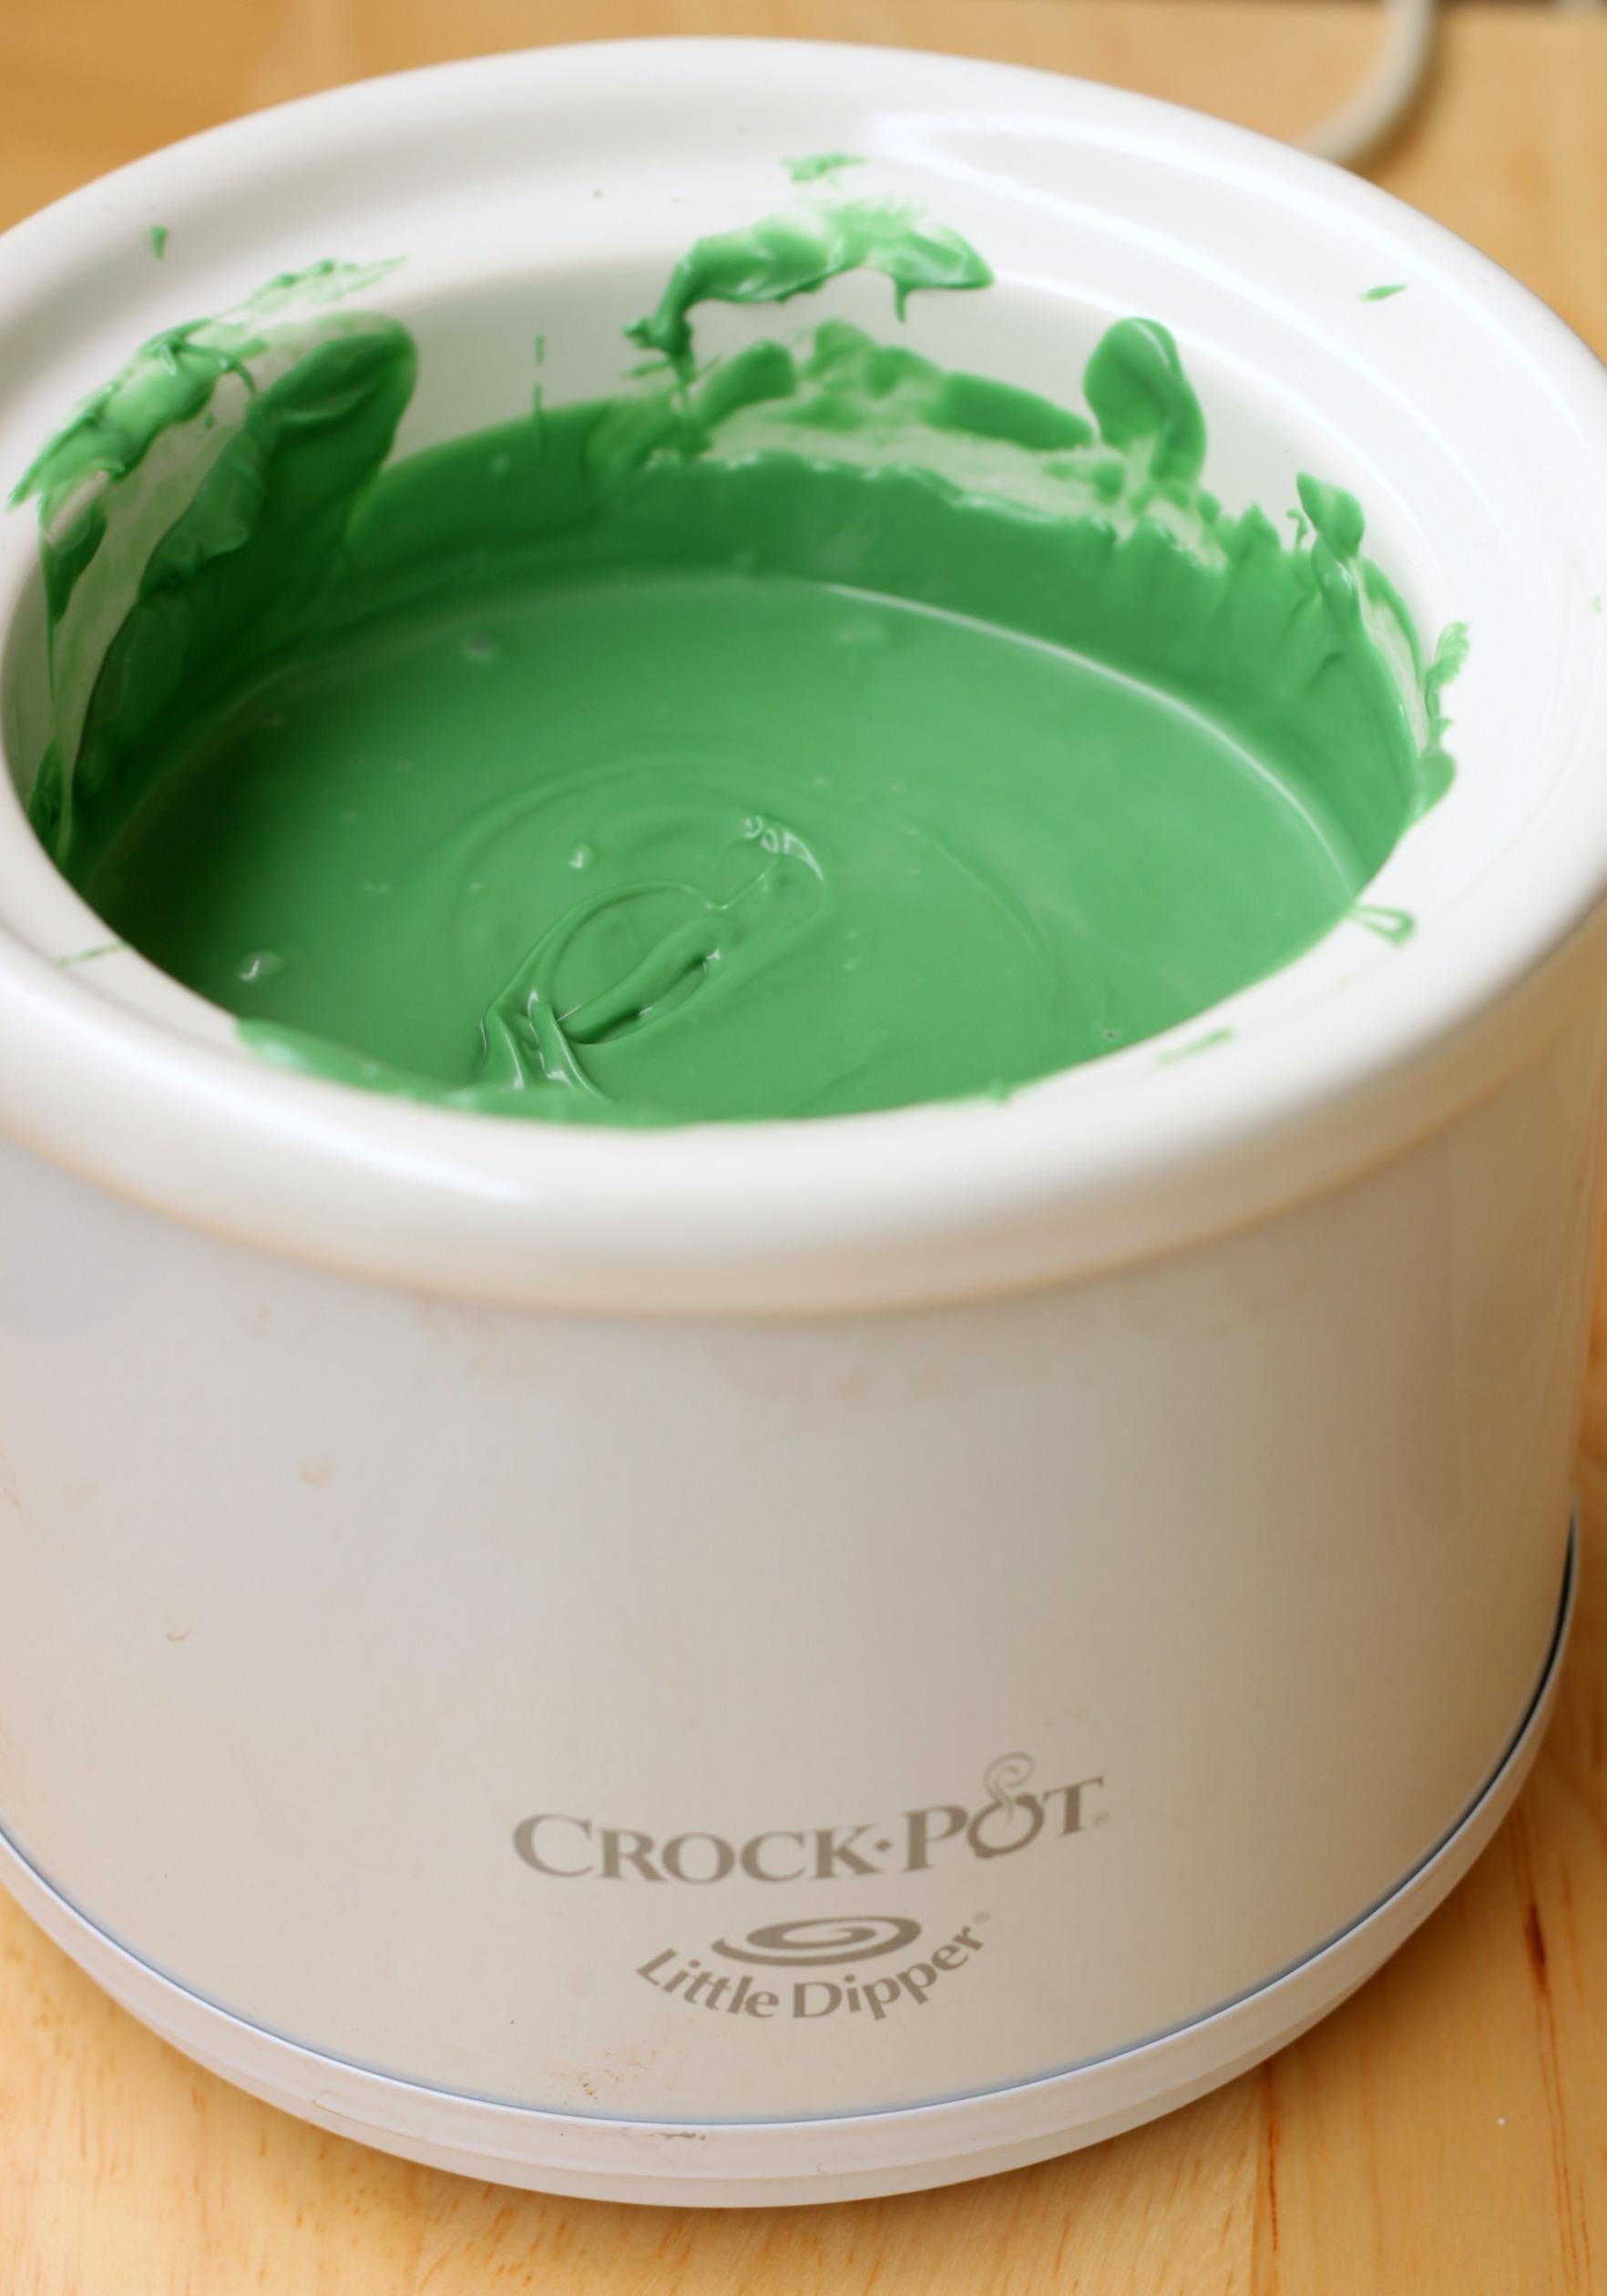 Little dipper crockpot